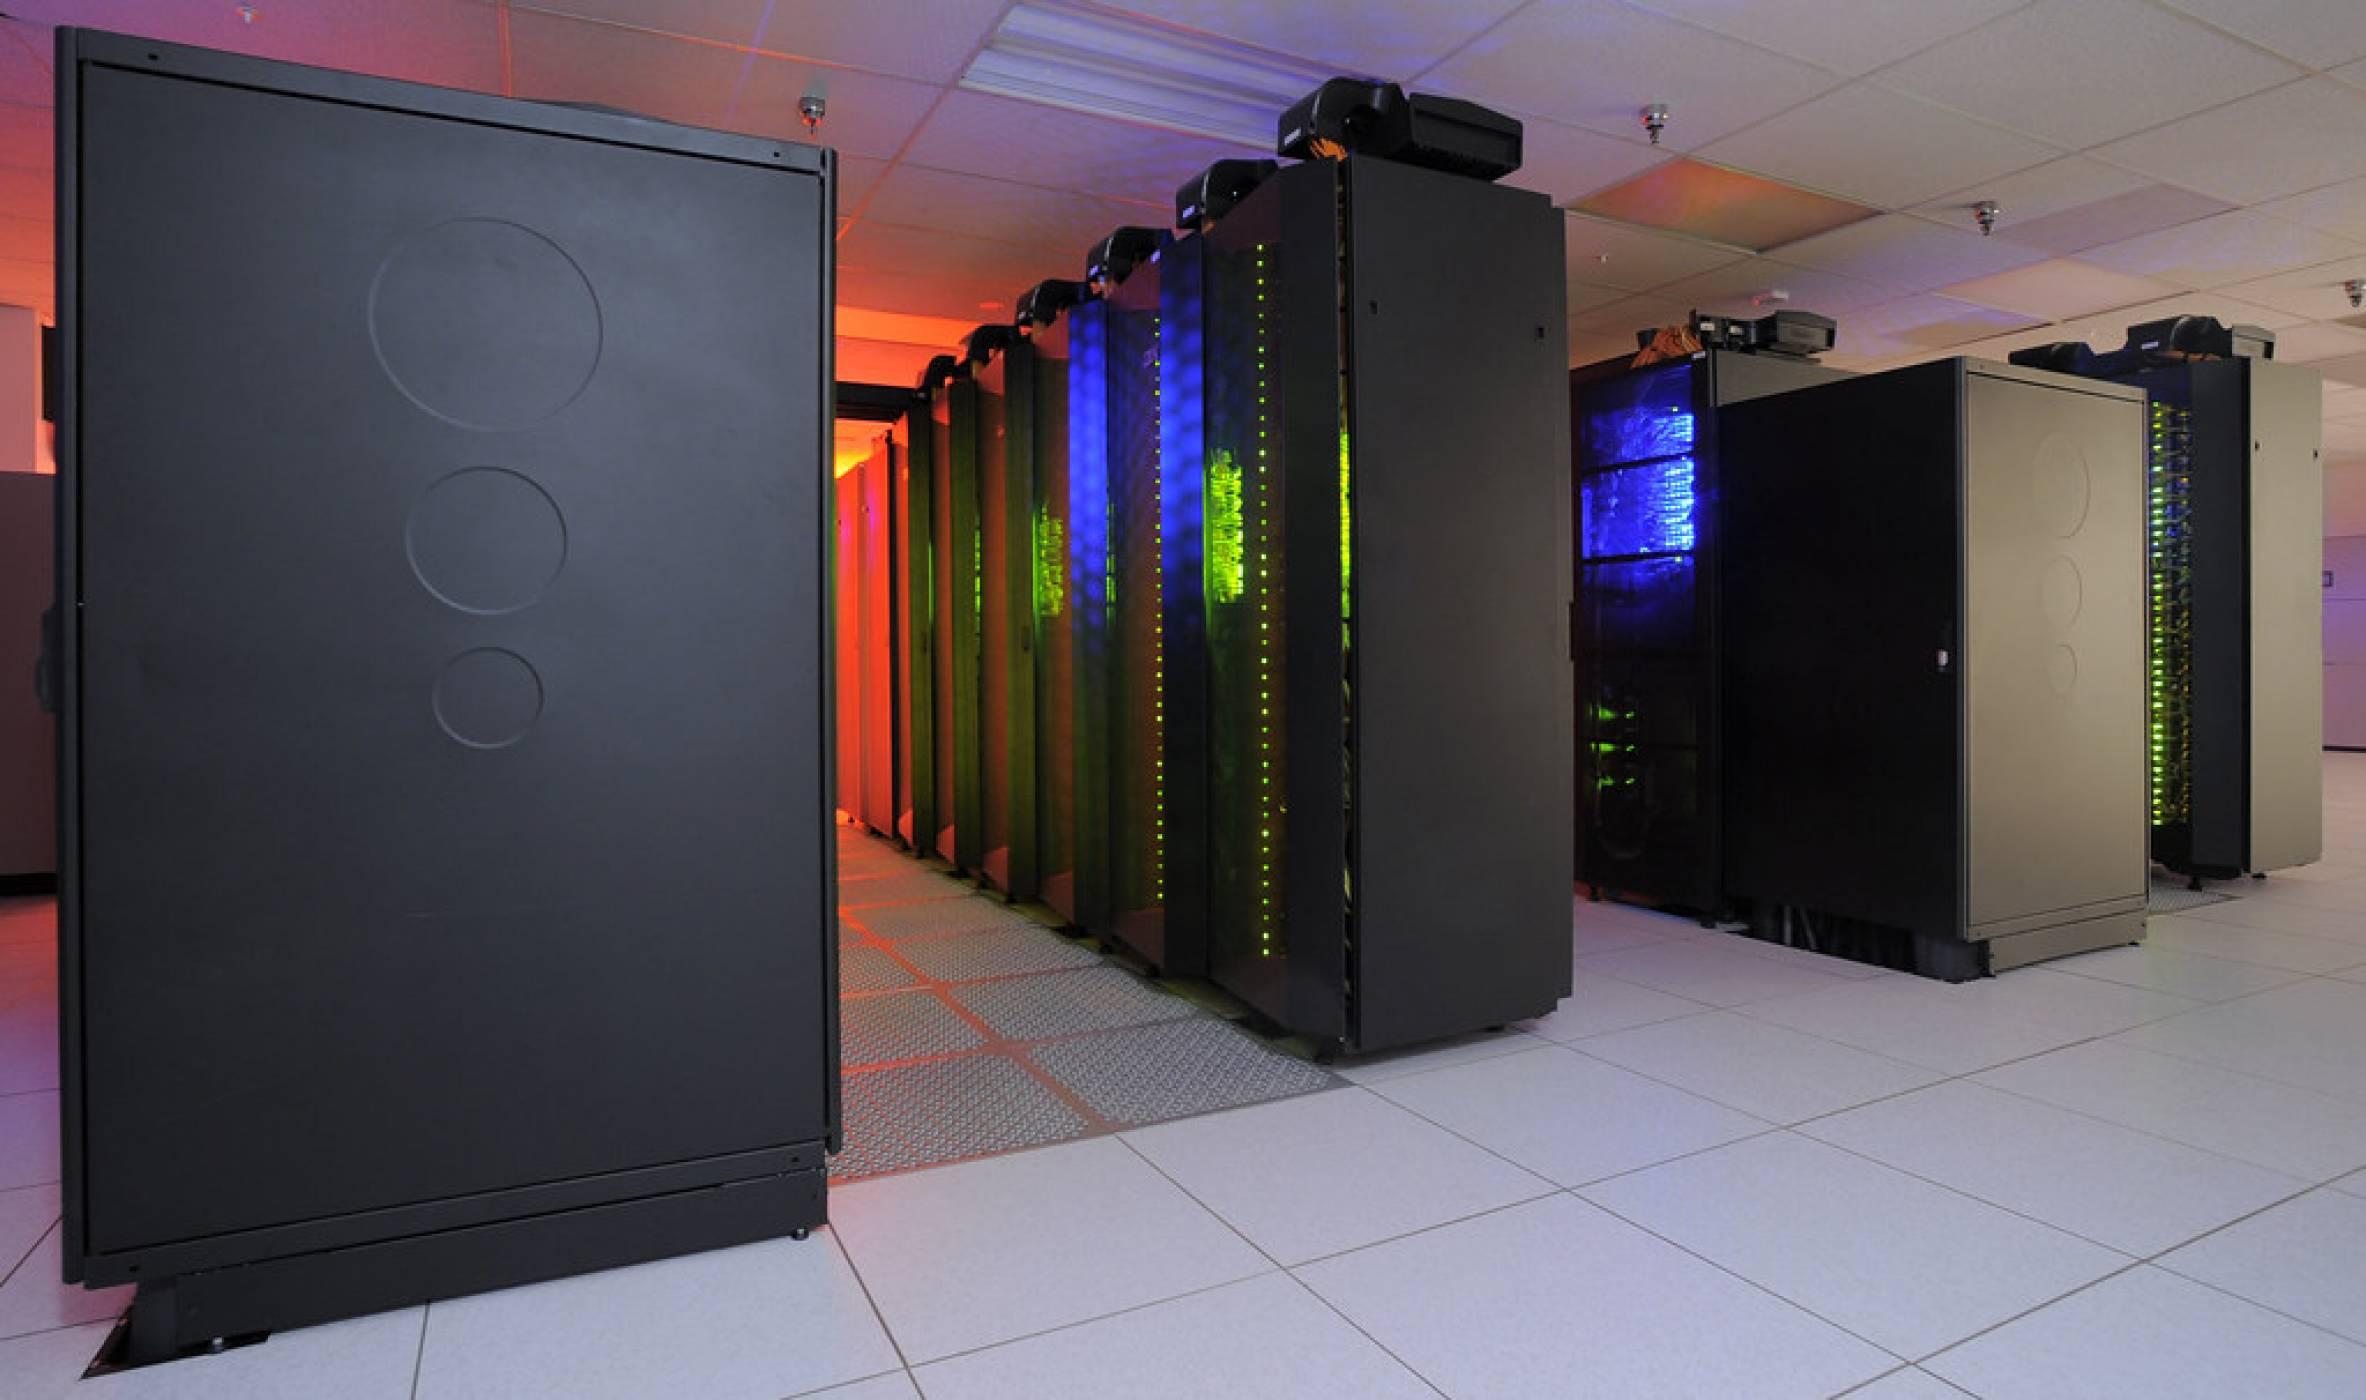 Какво общо имат хакерите, европейските суперкомпютри и COVID-19?